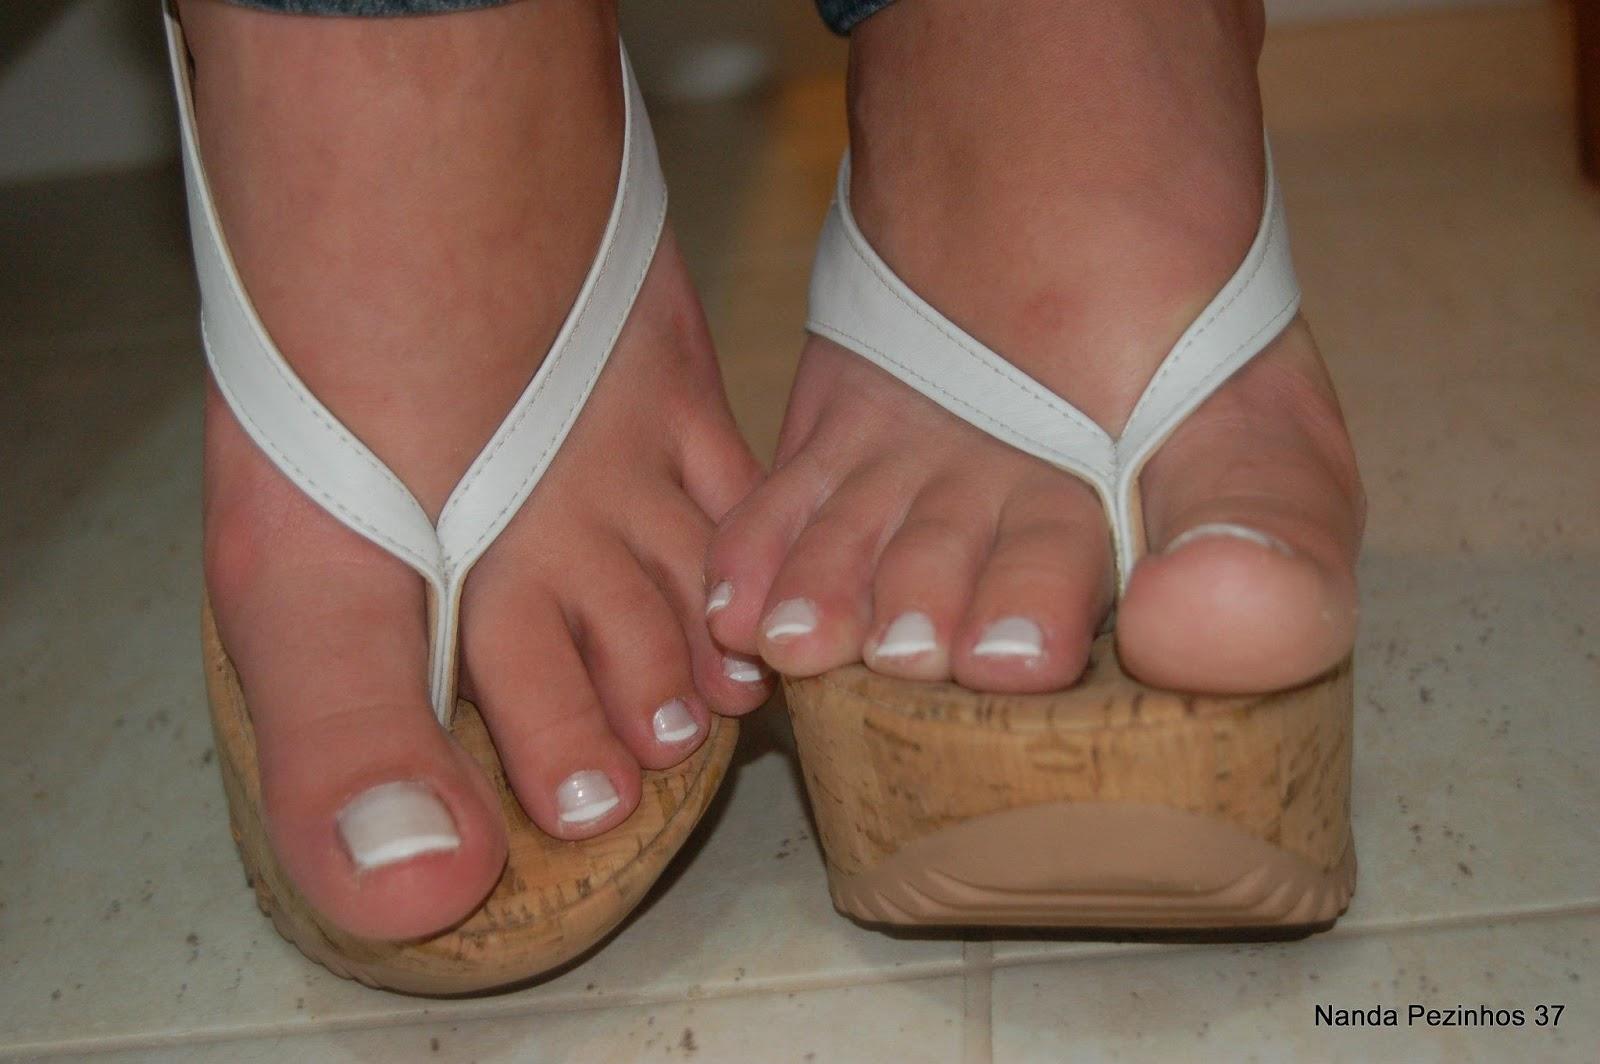 Pezinhos de peep toe nude alto de plataforma e meia calca - 1 part 1